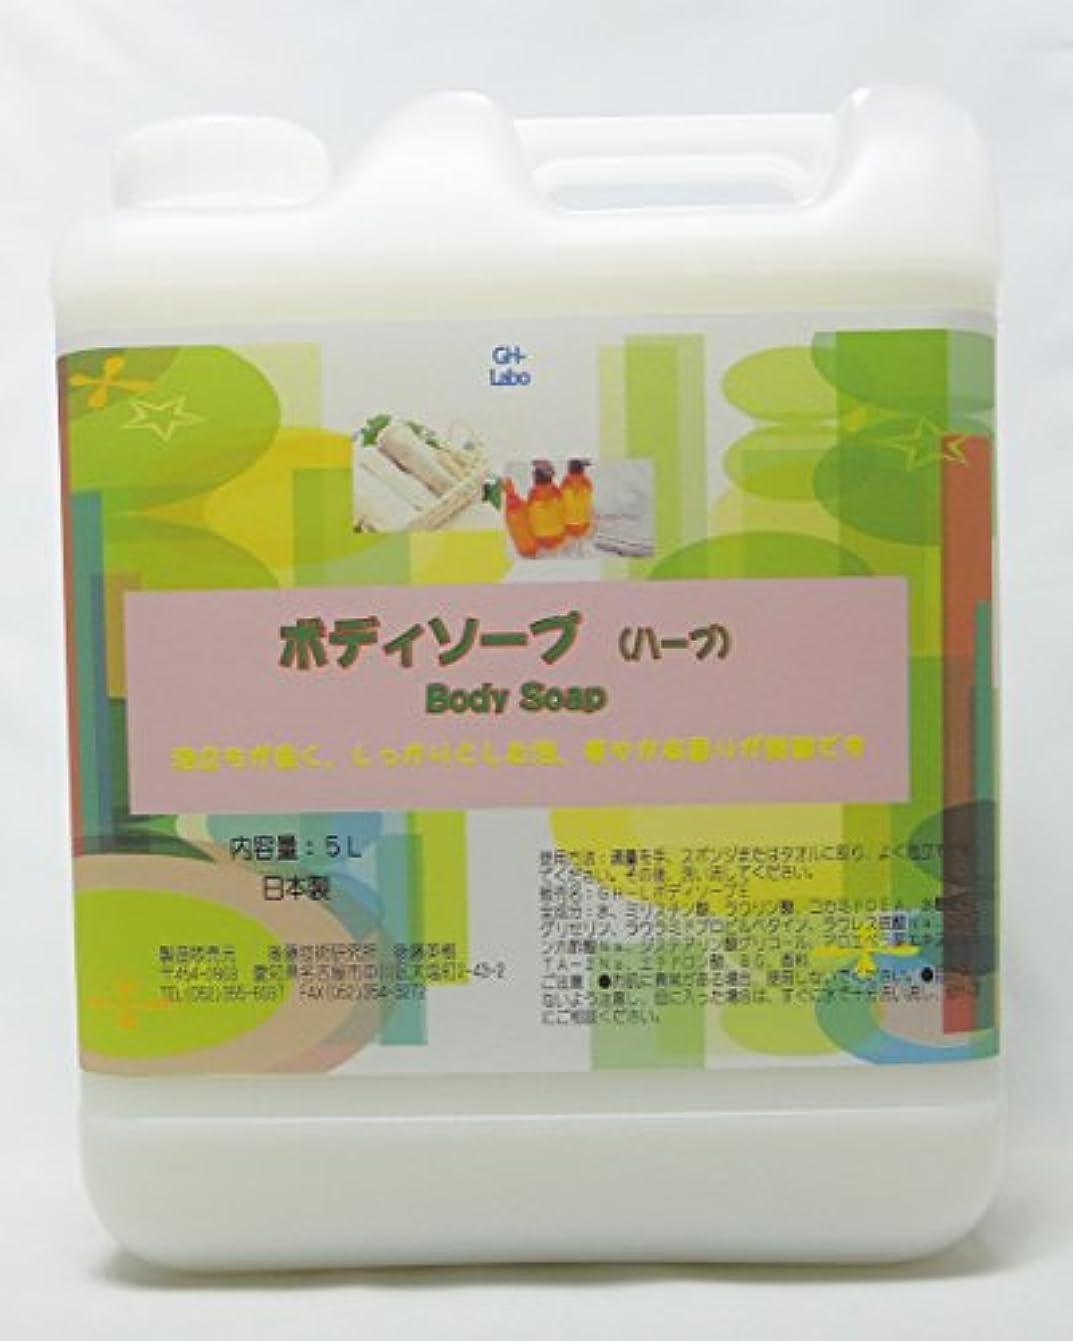 ウェイド快適元気なGH-Labo 業務用ボディソープ ハーブ(セージ)の香り 5L